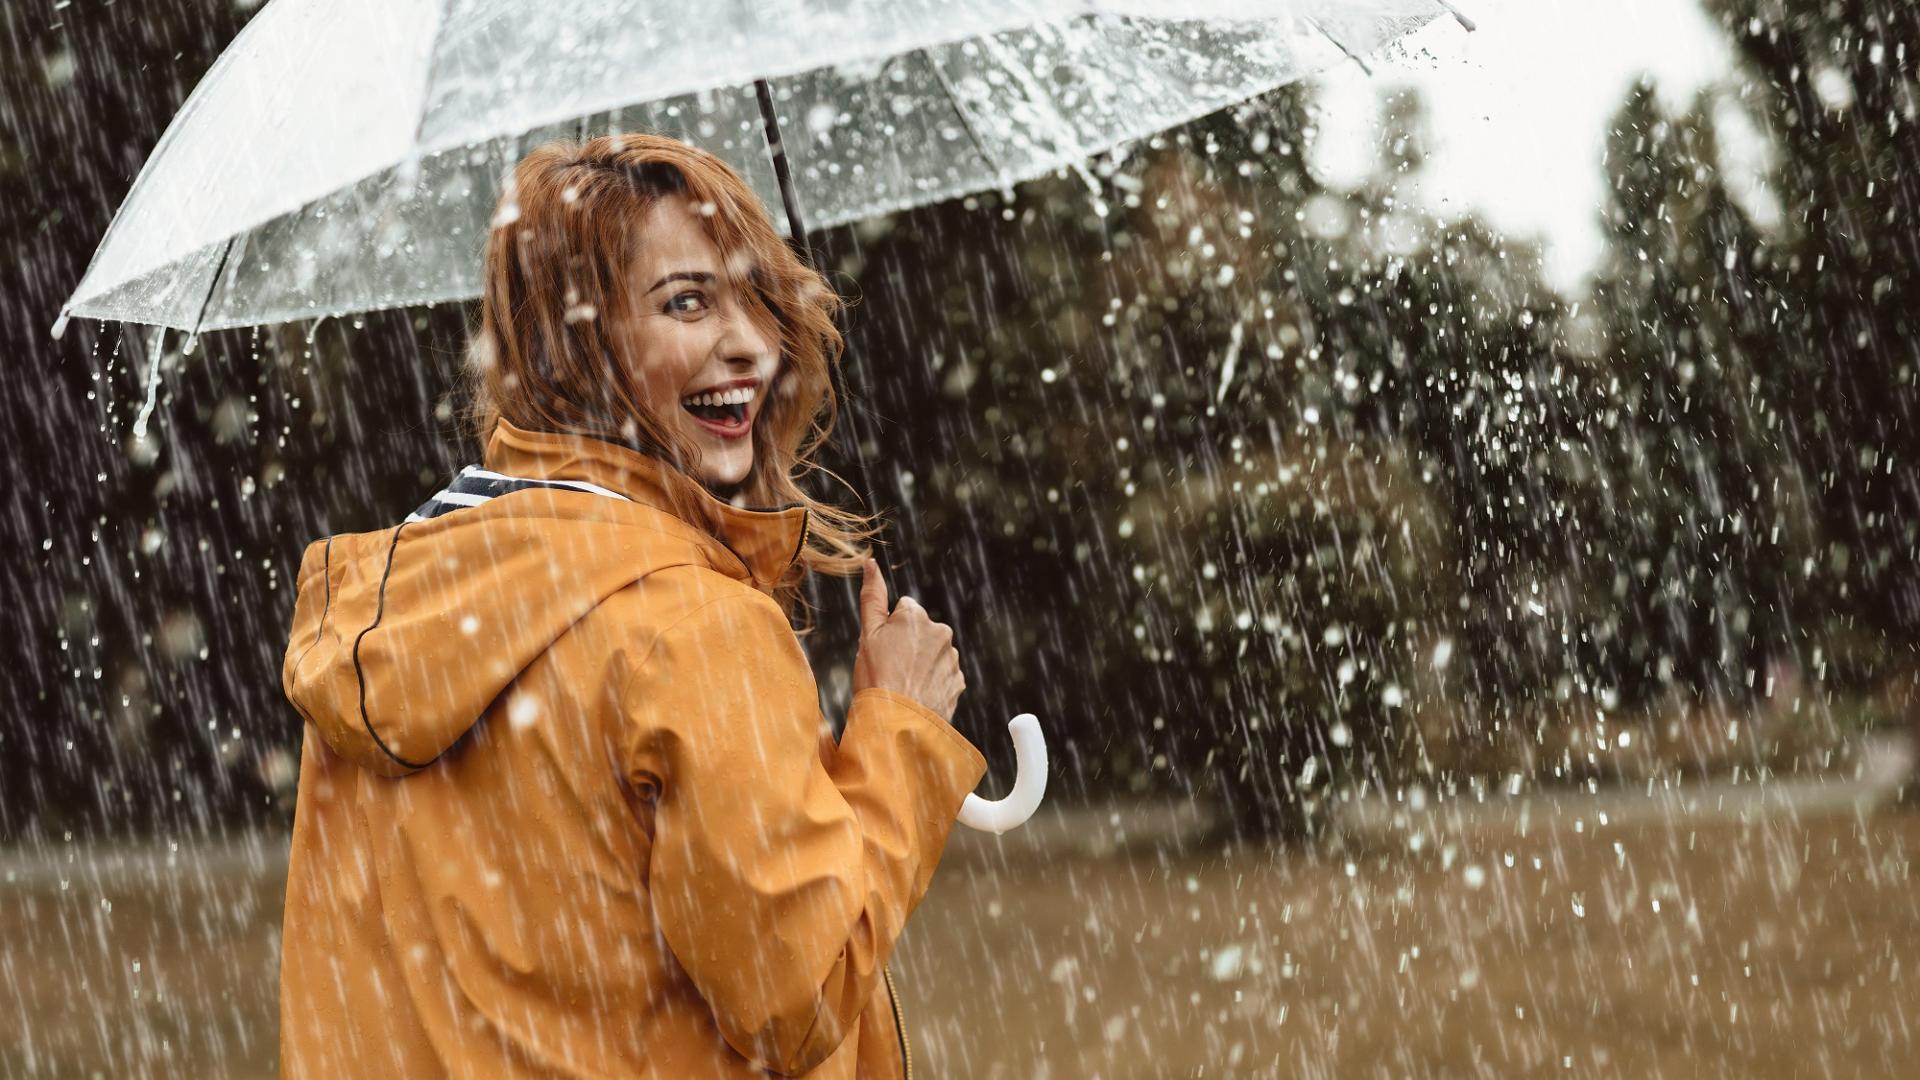 Frau, Regen, Herbst